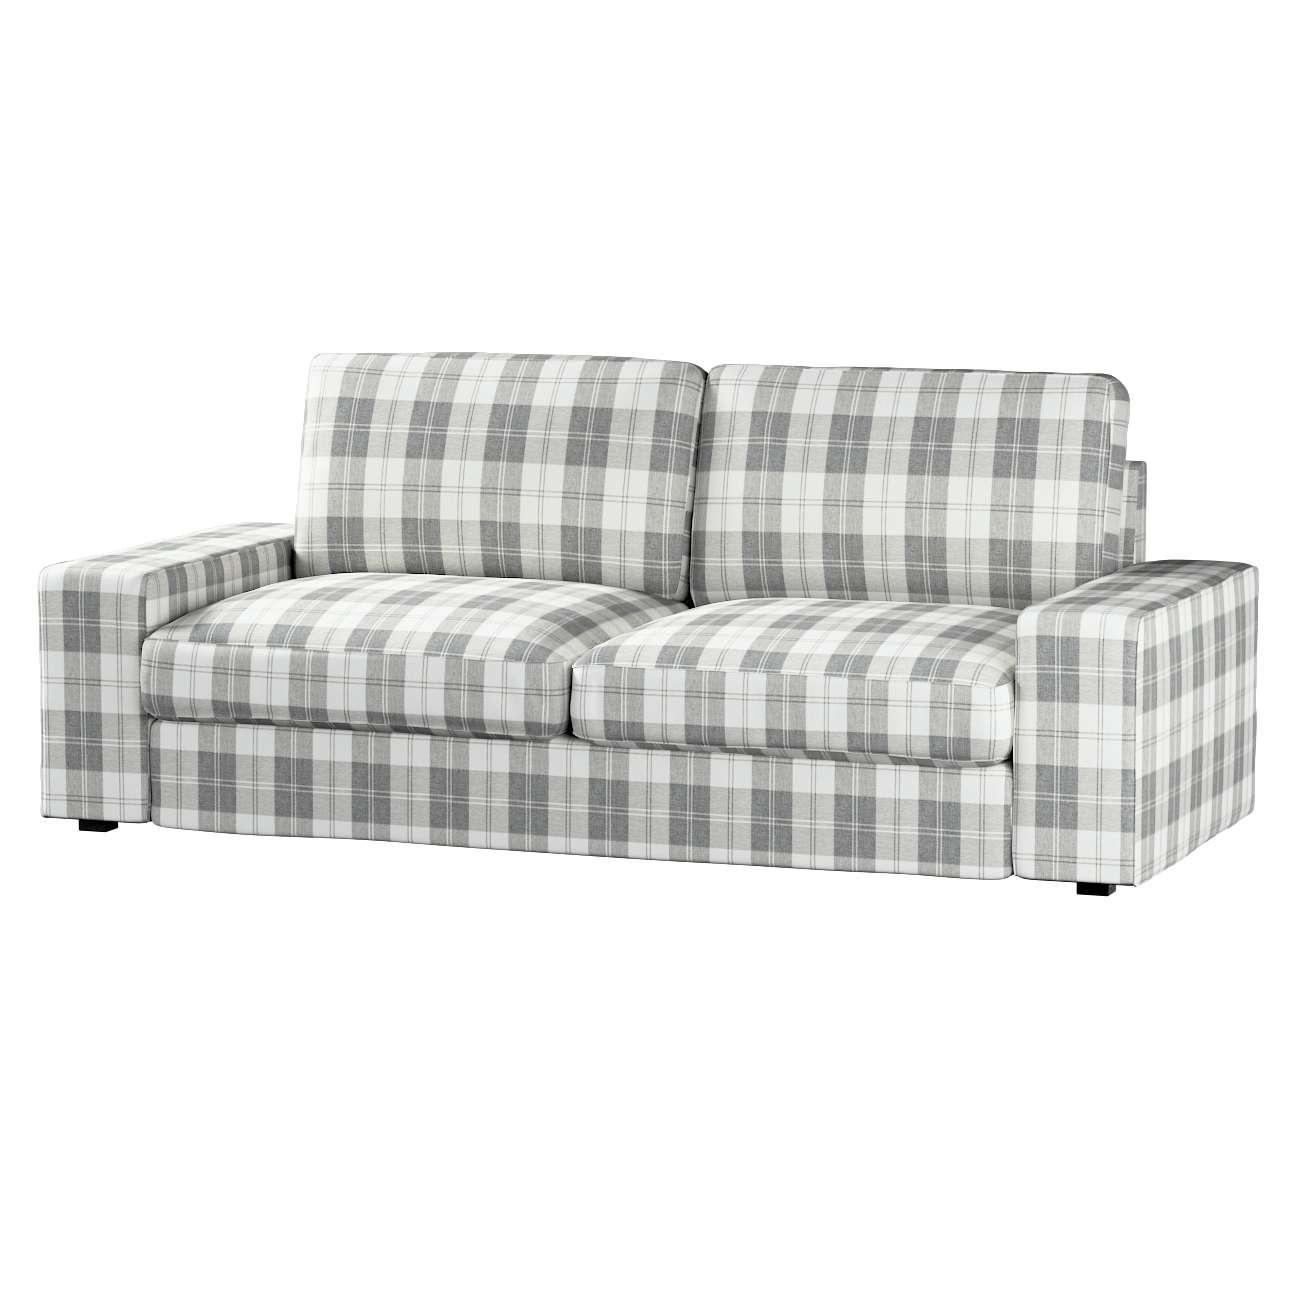 KIVIK trivietės sofos užvalkalas Kivik 3-seat sofa kolekcijoje Edinburgh , audinys: 115-79